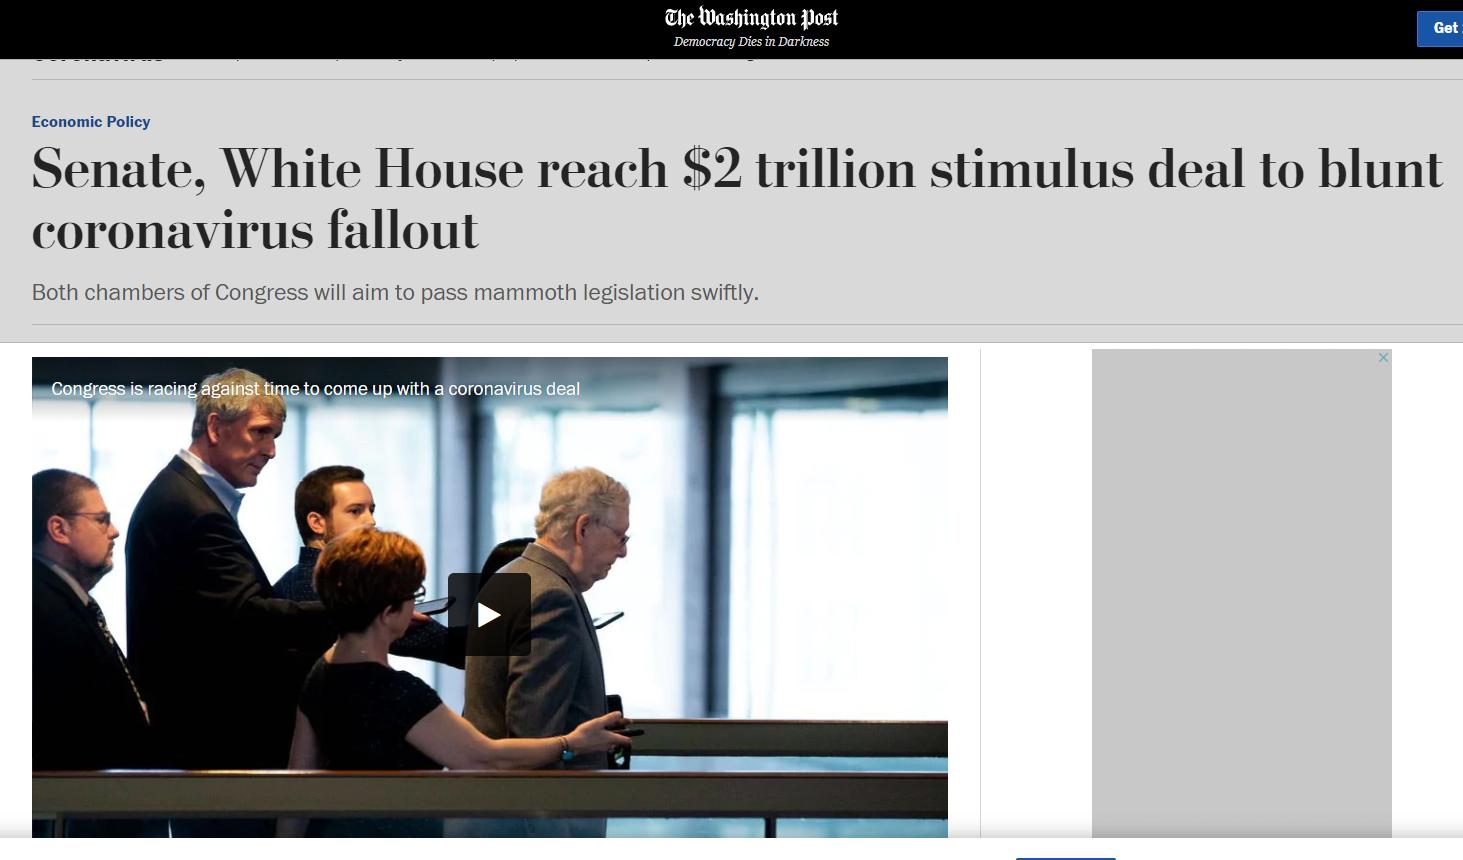 中广传播美国白宫和参议院就2万亿